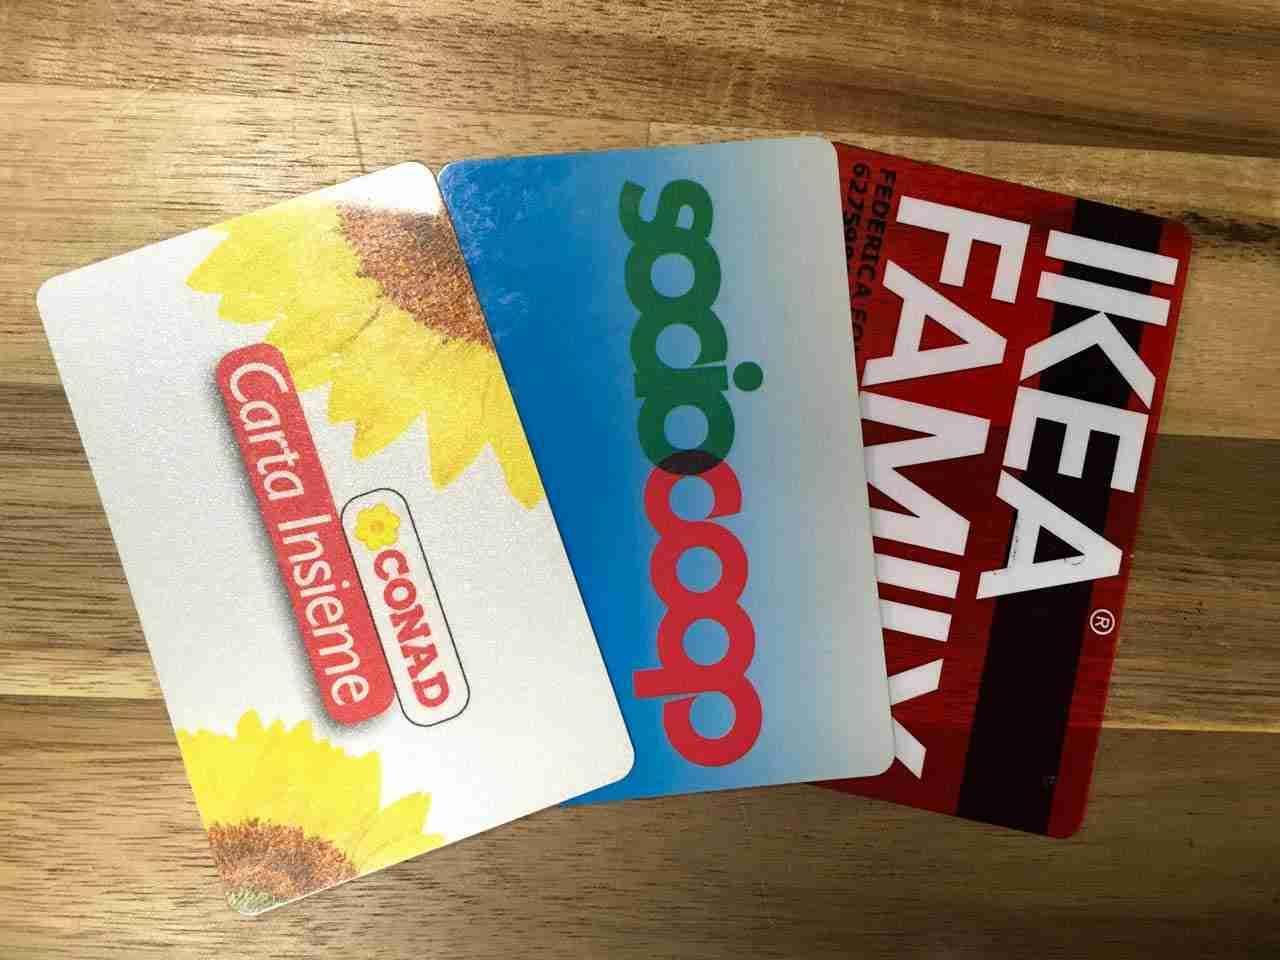 Le migliori app per tessere fedeltà: Coop, Conad, Carrefour e tutte le altre